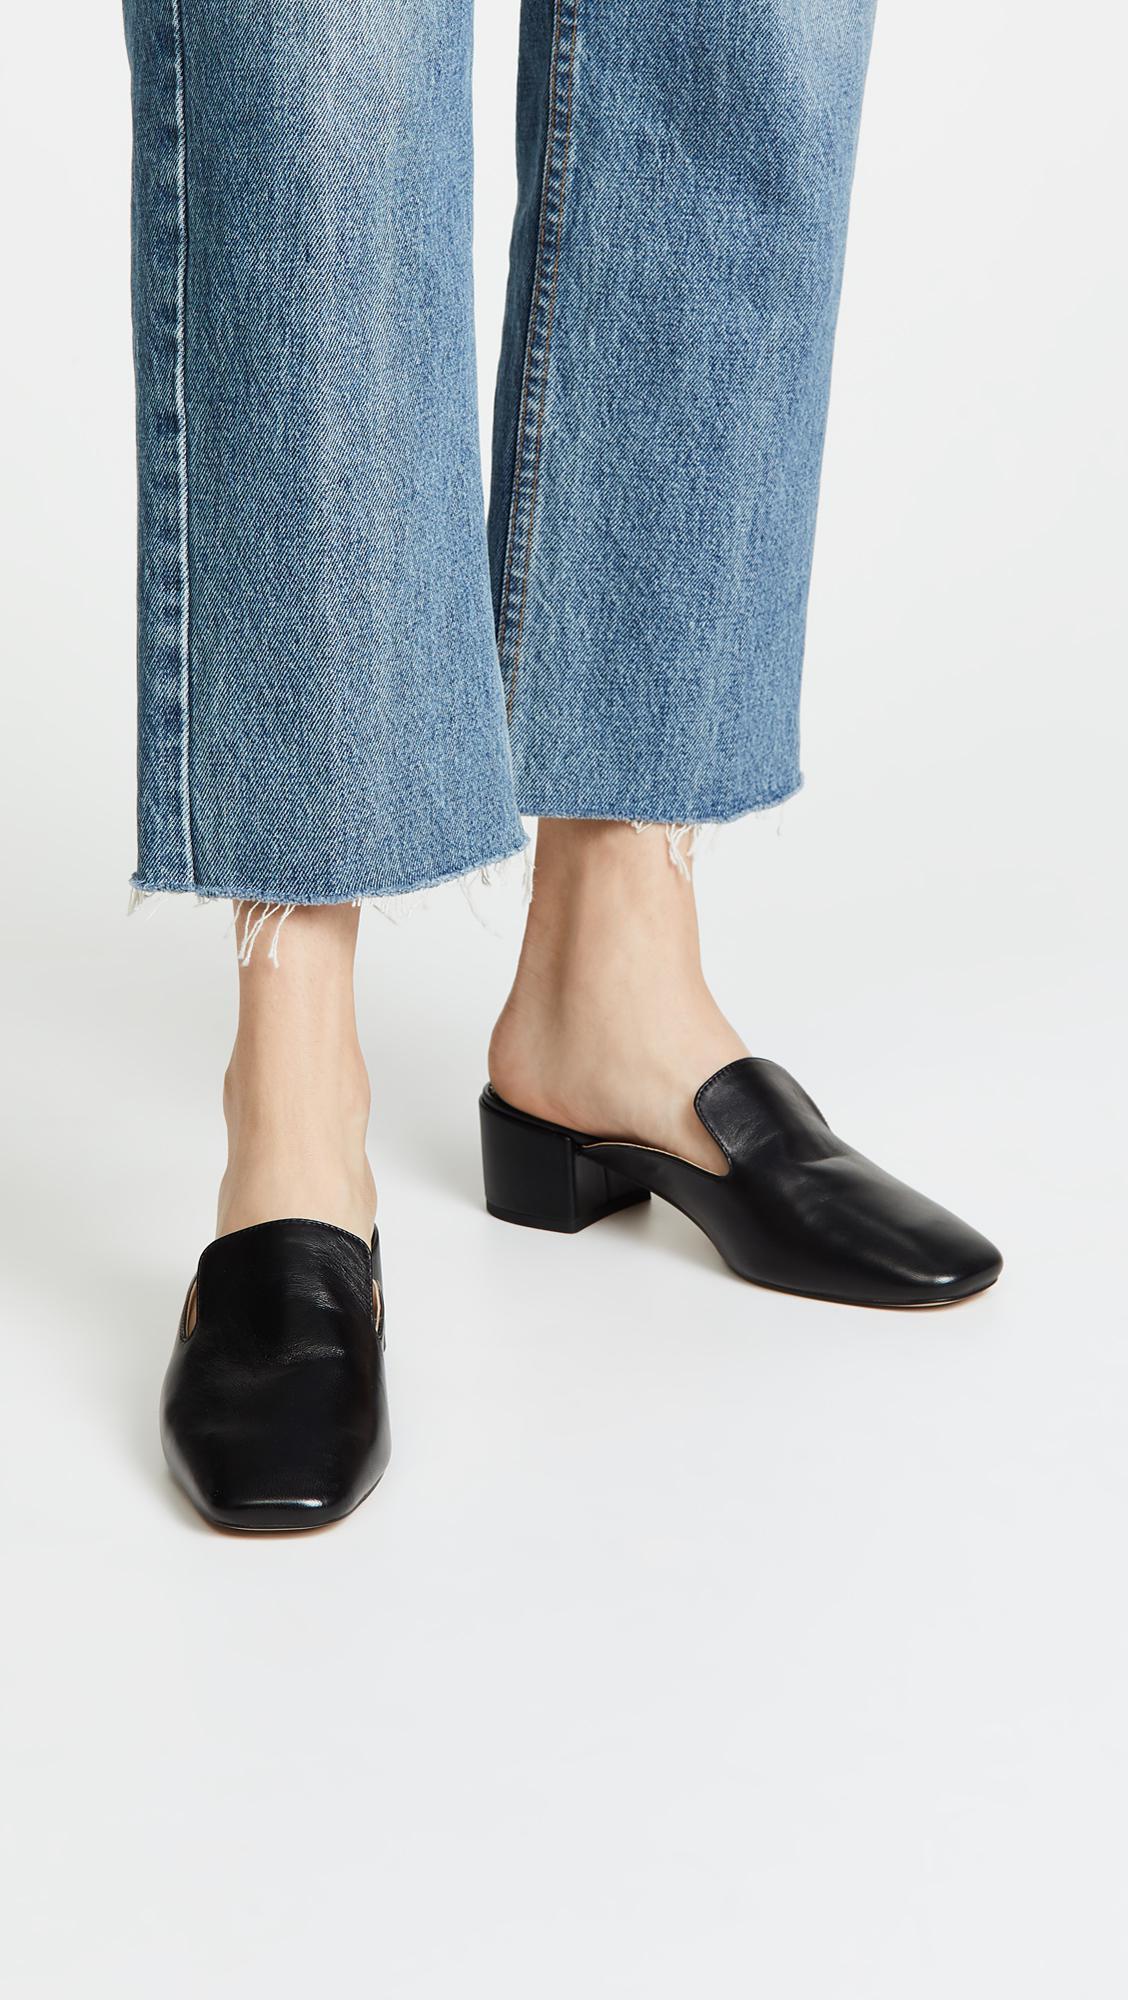 1f27affb3f7 Lyst - Sam Edelman Adair Mule Loafers in Black